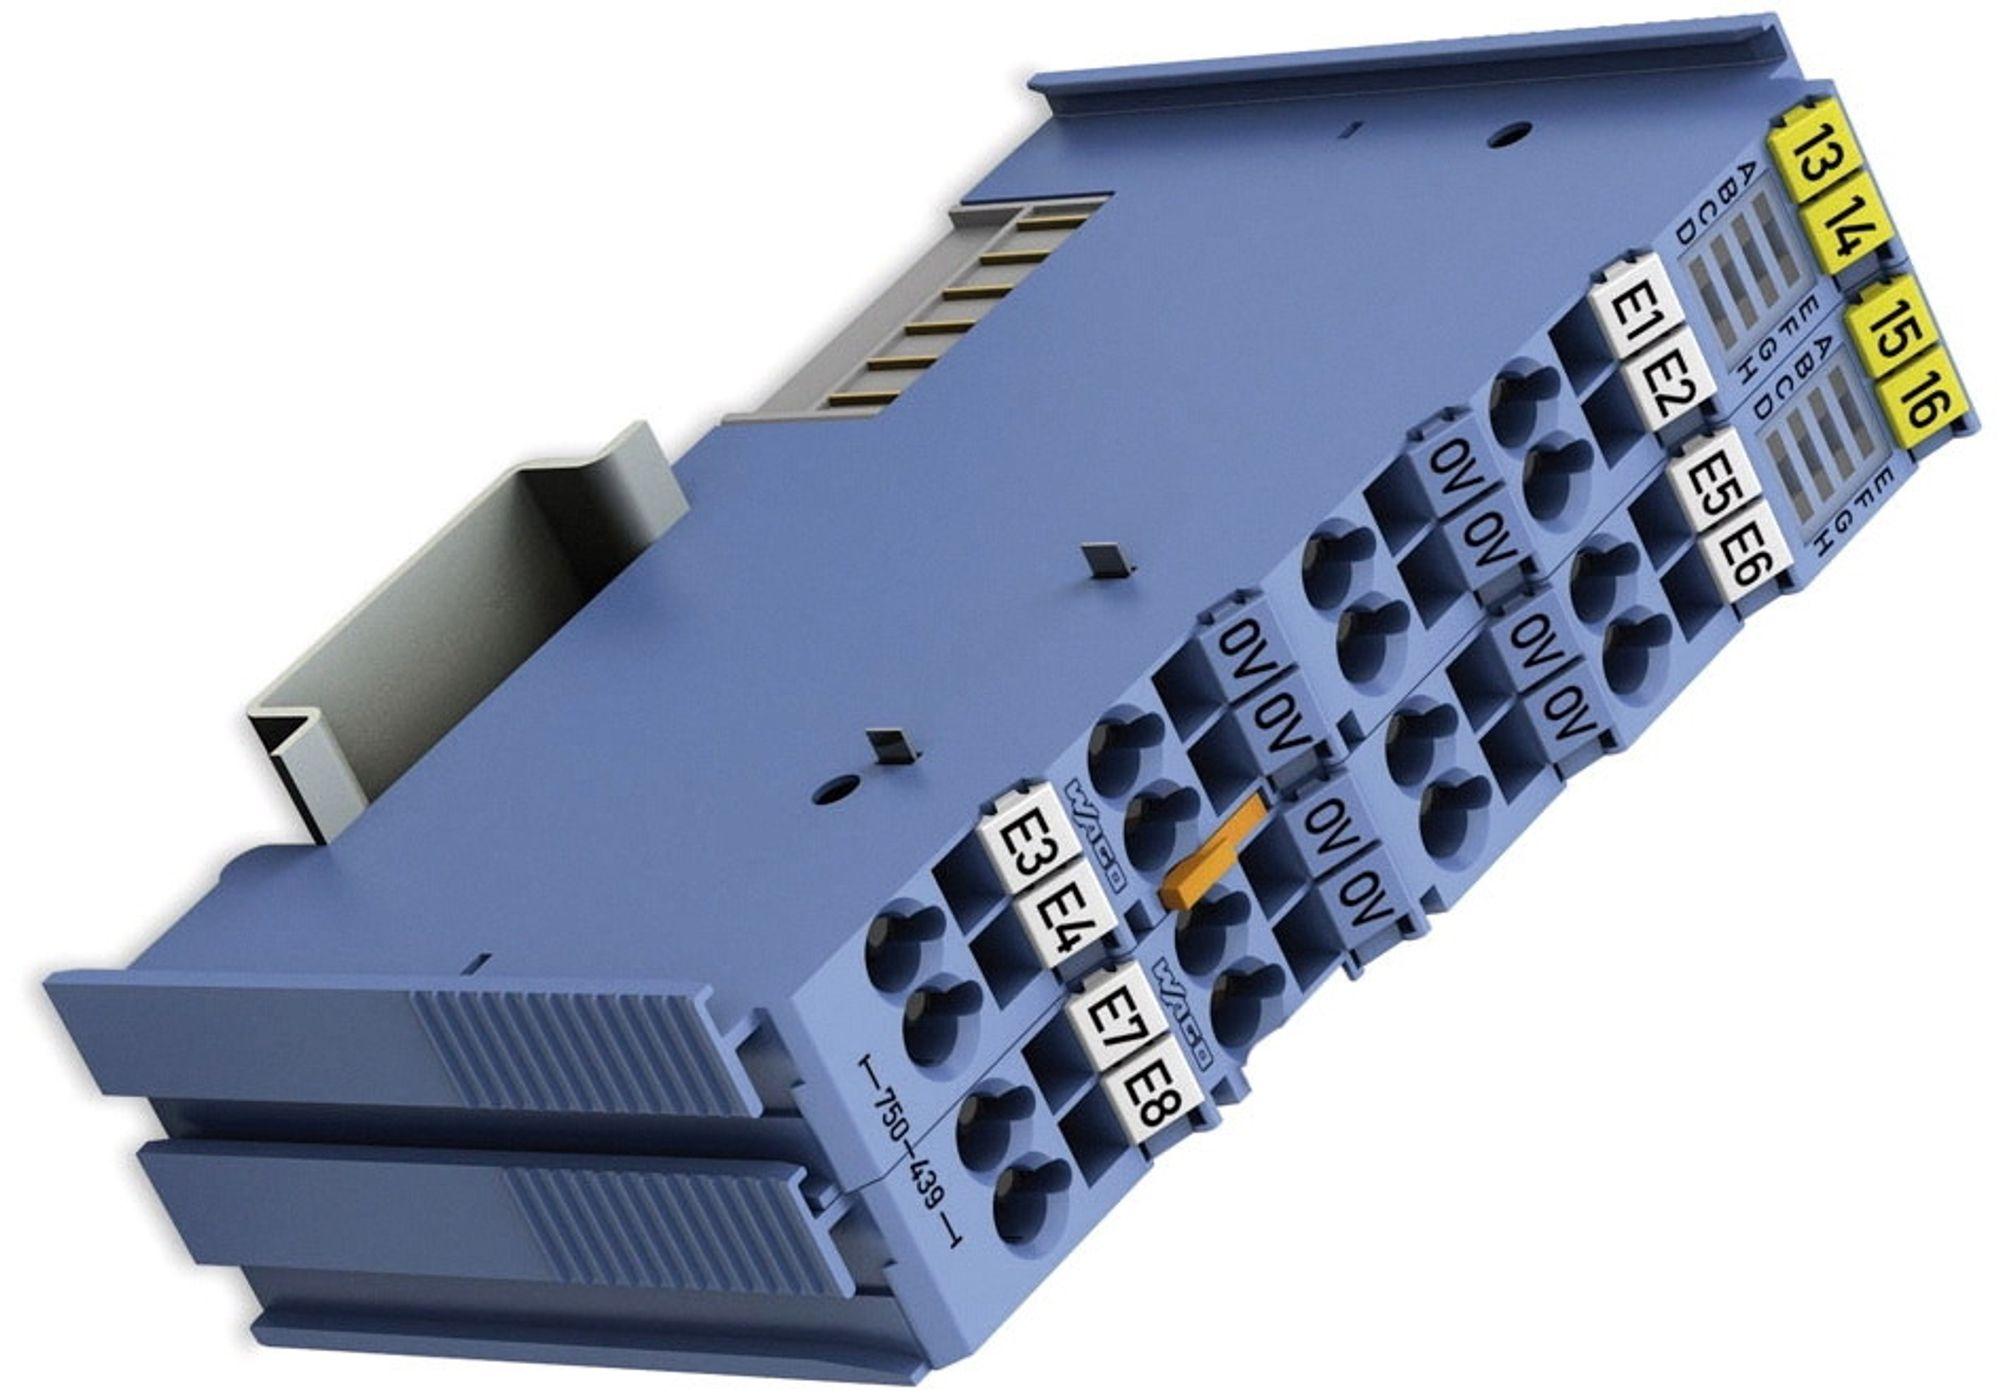 8-kanals Ex-i DI-kort, som håndterer Namur-sensorer, optokoblere og elektromekaniske brytere.